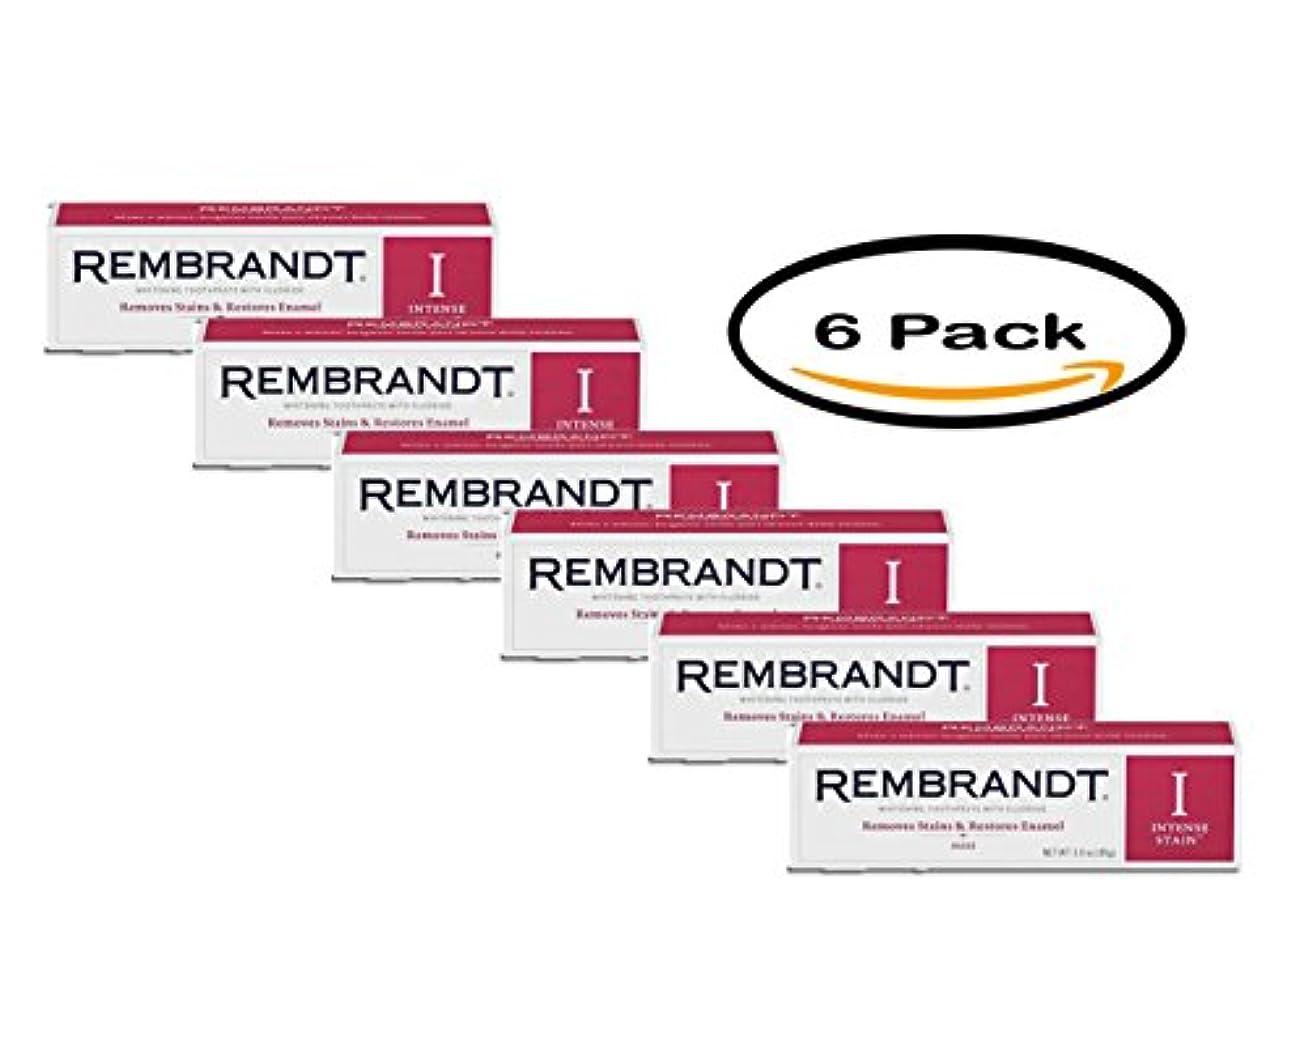 コンピューターゲームをプレイする脅かすオペラ海外直送品 レンブラントインテンスステイン Rembrandt Intense Stain Whitening Toothpaste, Mint, 3.5 oz Pack of 6